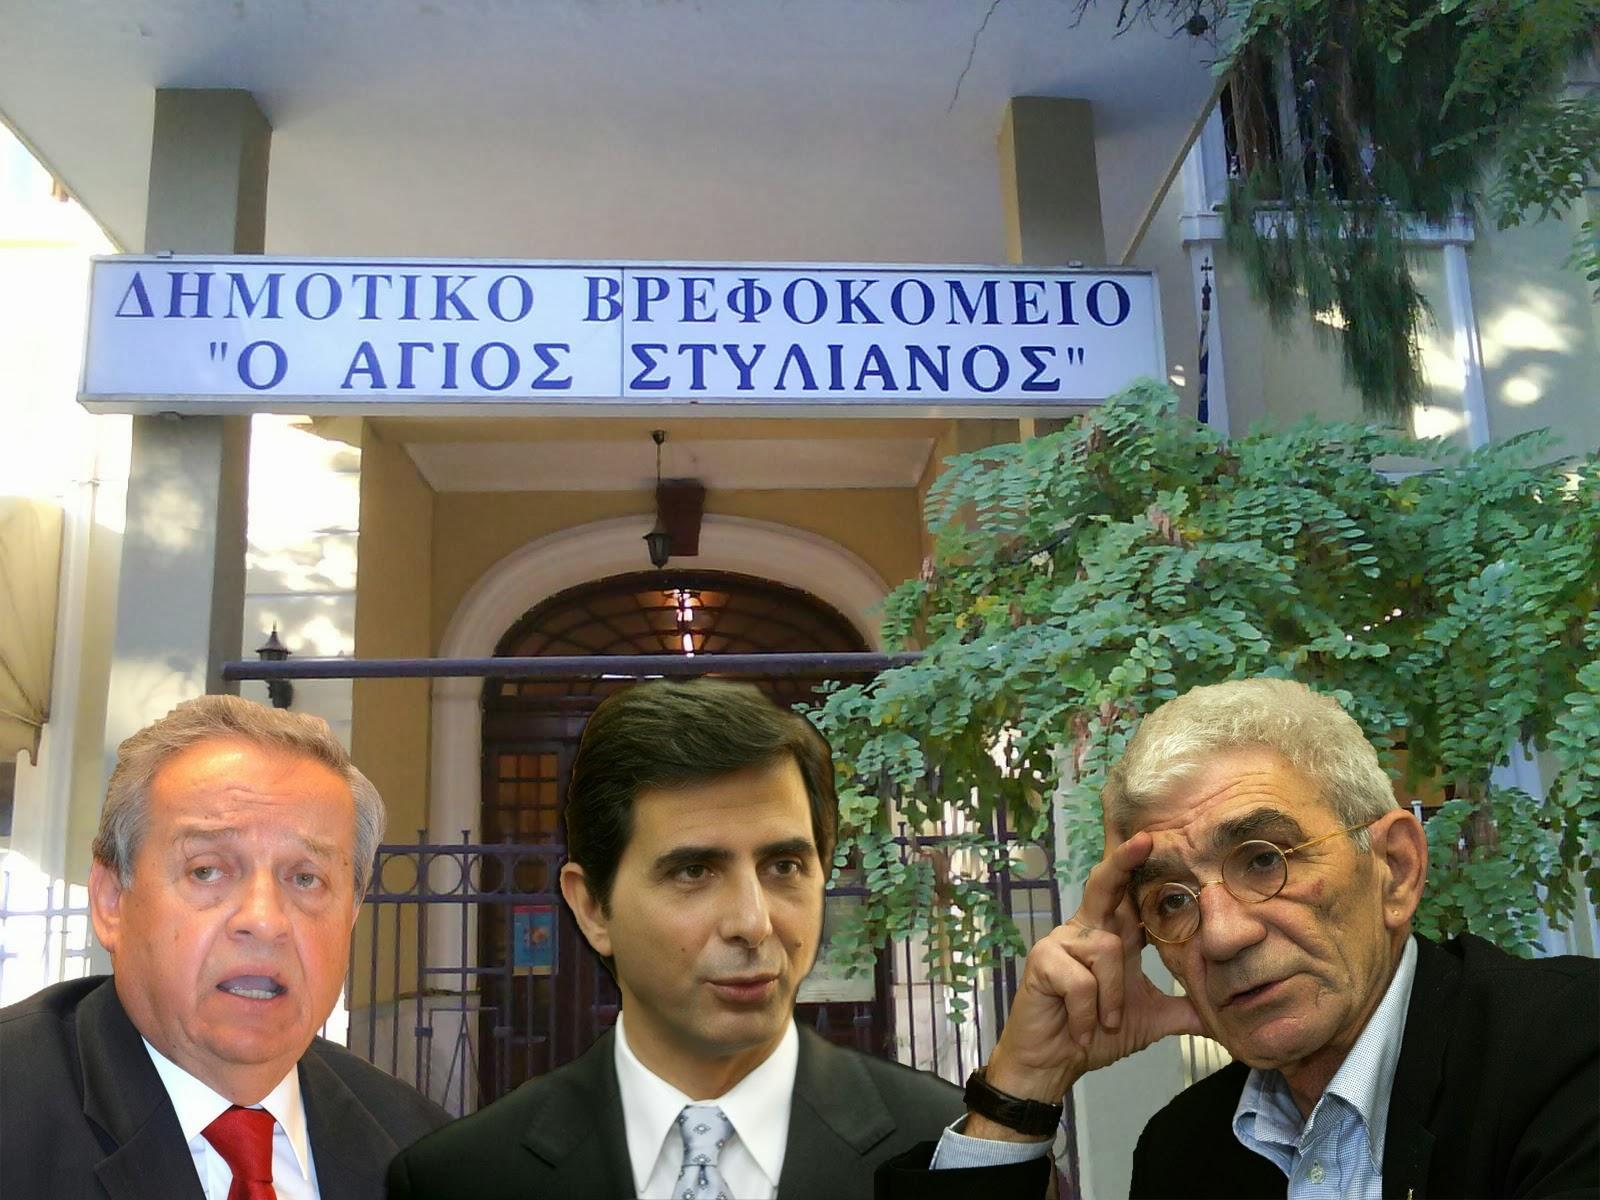 28 ἐκατομμύρια εὐρὼ δώρισε στοὺς Ἑβραίους ὁ Μπουτάρης καὶ ὁ Δῆμος Θεσσαλονίκης!